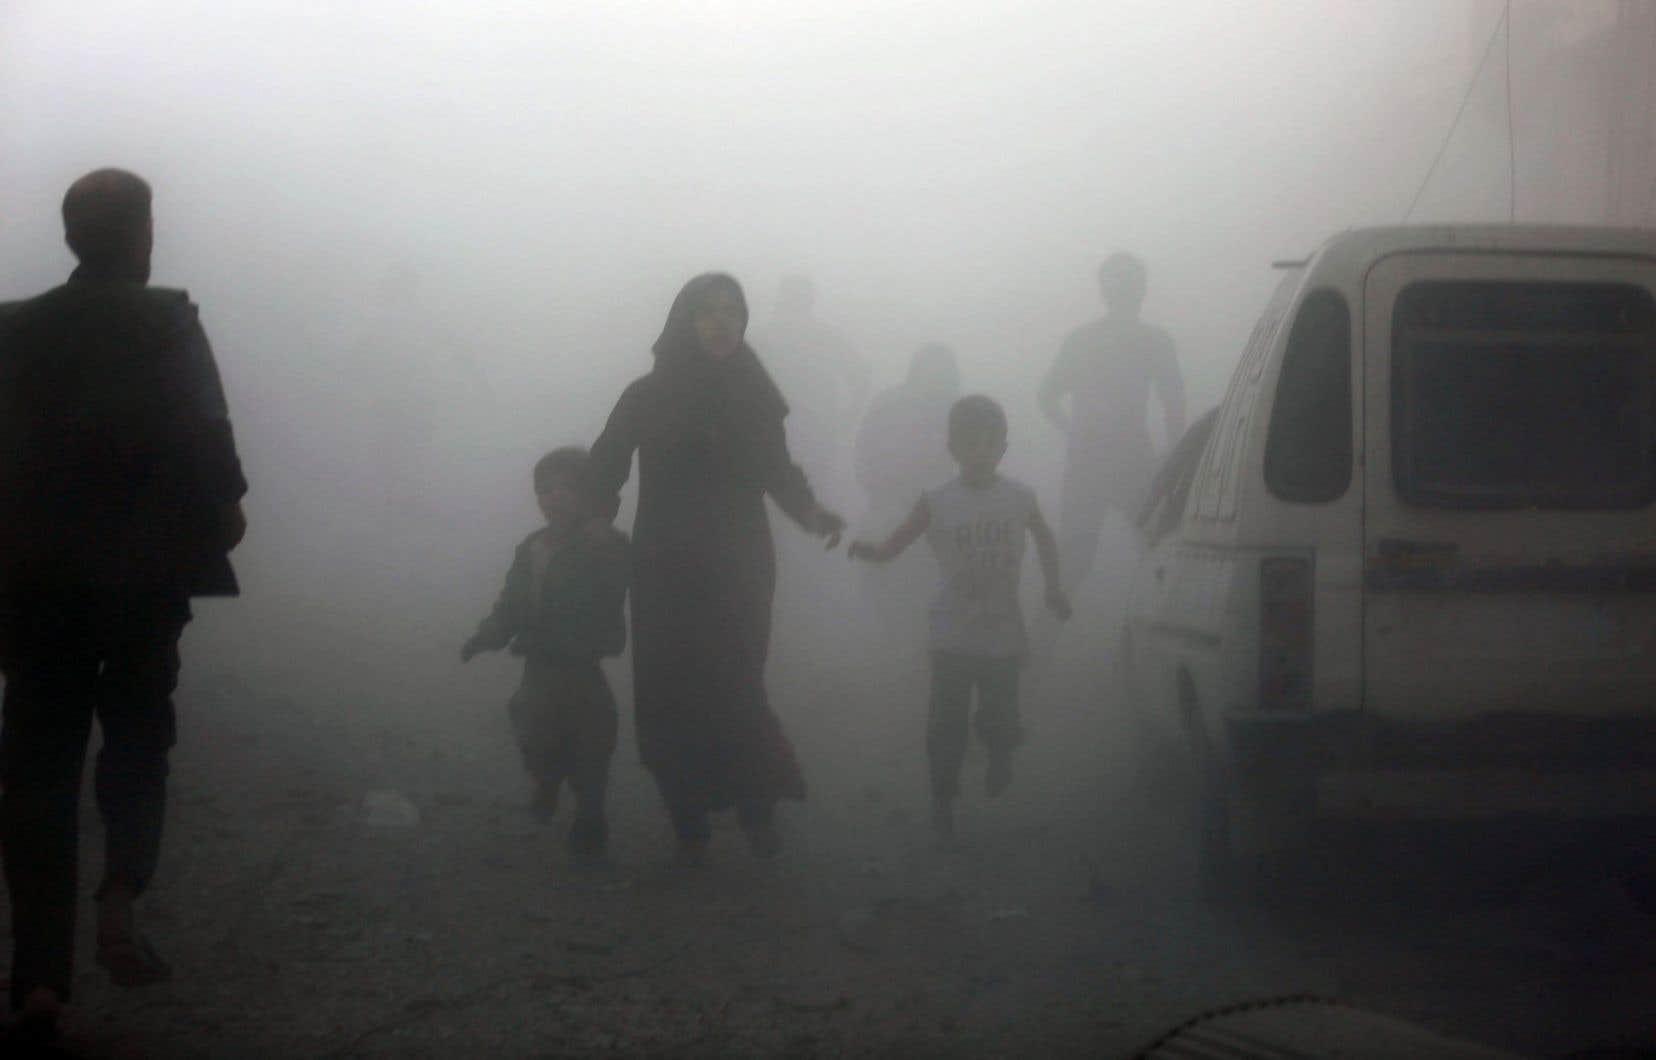 Des millions de déplacés, l'exode de dizaines de milliers de Syriens éduqués qui ne reviendront probablement pas, des infrastructures à terre, un pays vidé, divisé, épuisé, qui mettra quelle que soit l'issue des combats des décennies à se reconstruire.